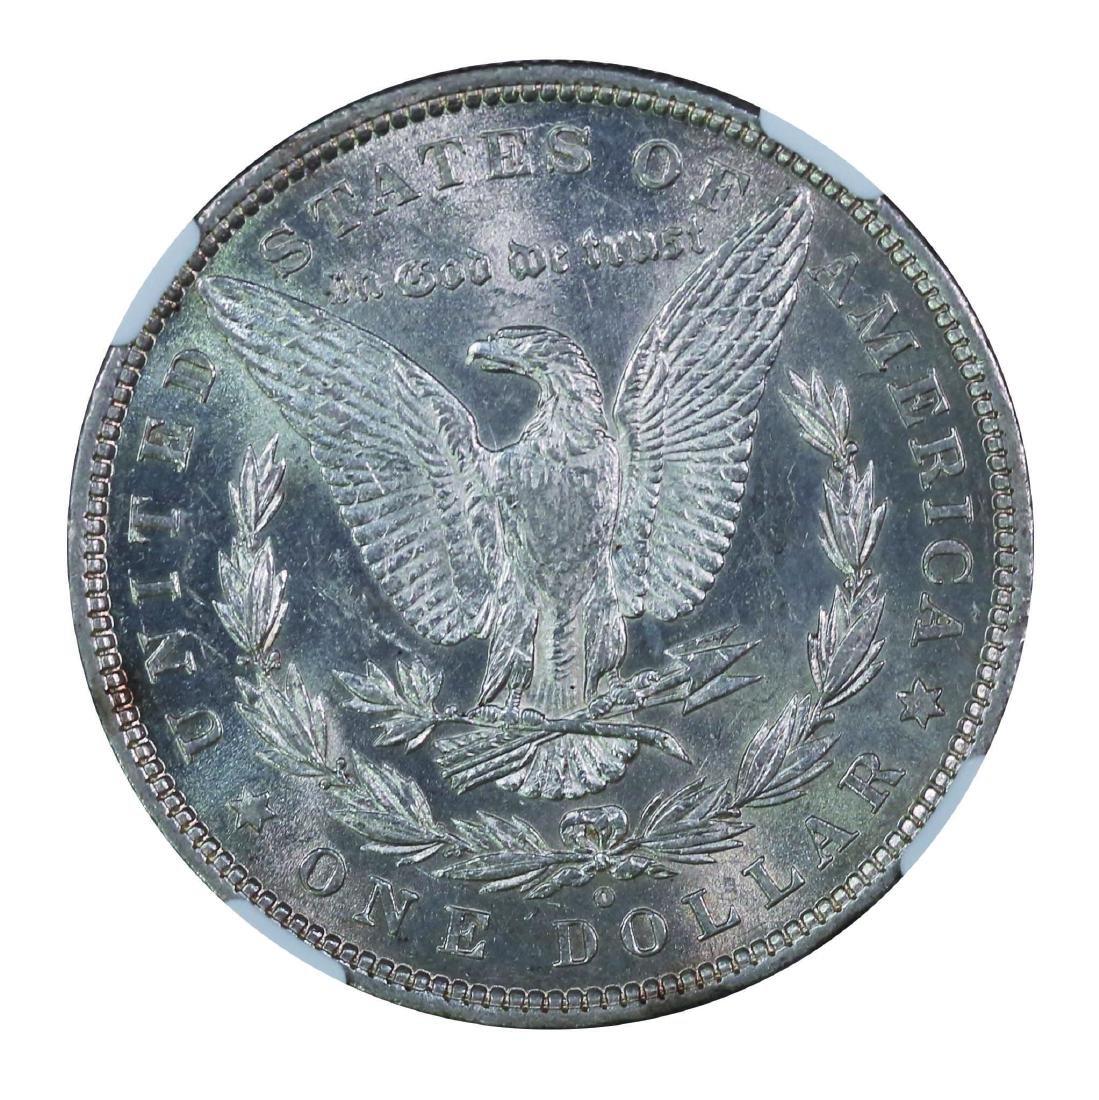 USA 1880 O, $1 NGC AU58 - 2